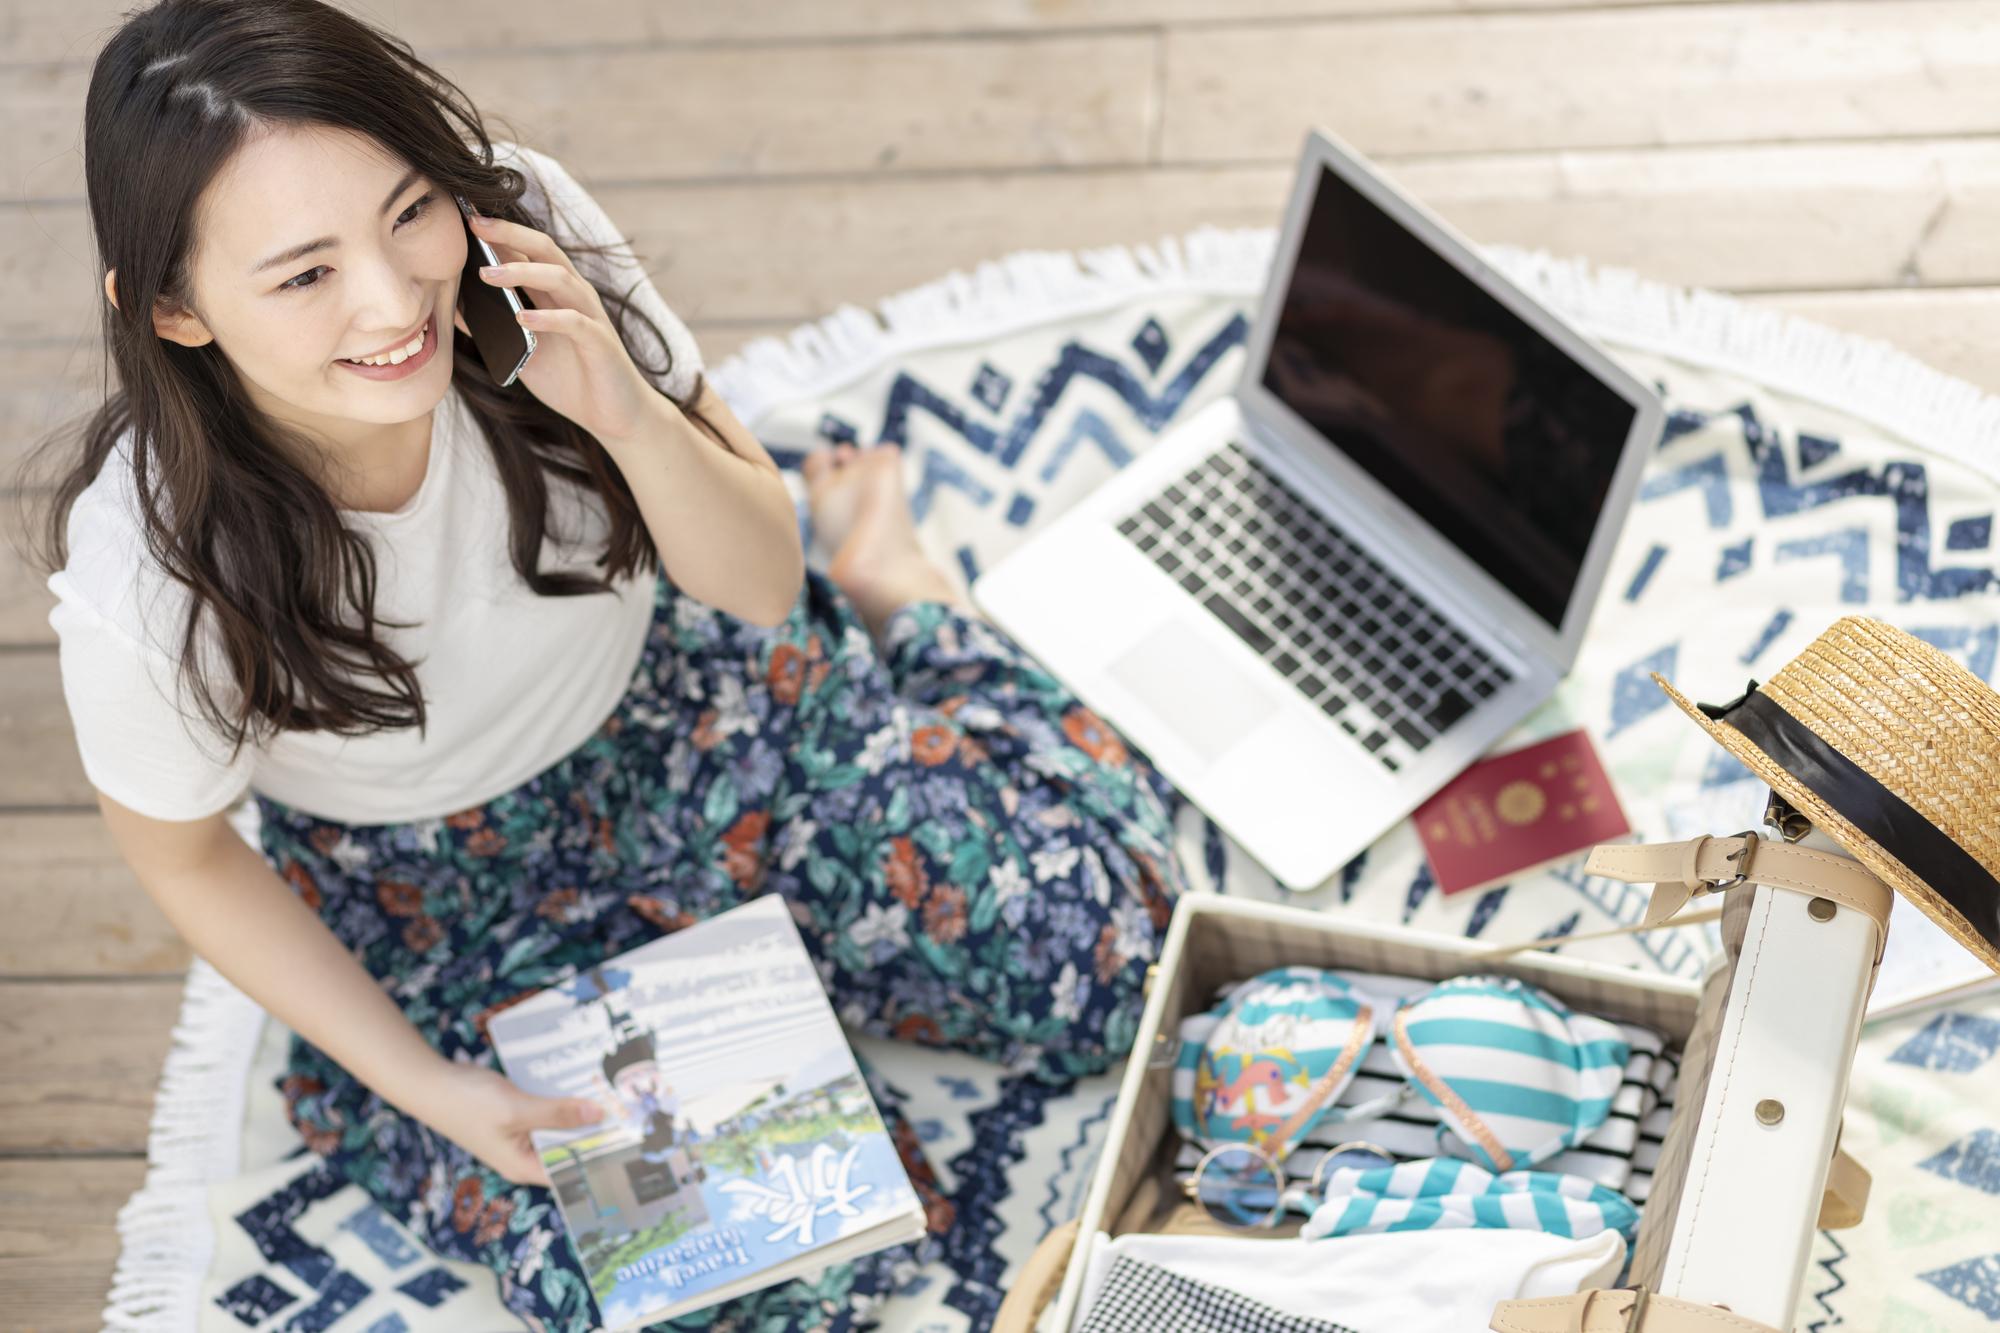 アメリカ留学を準備する日本人女性